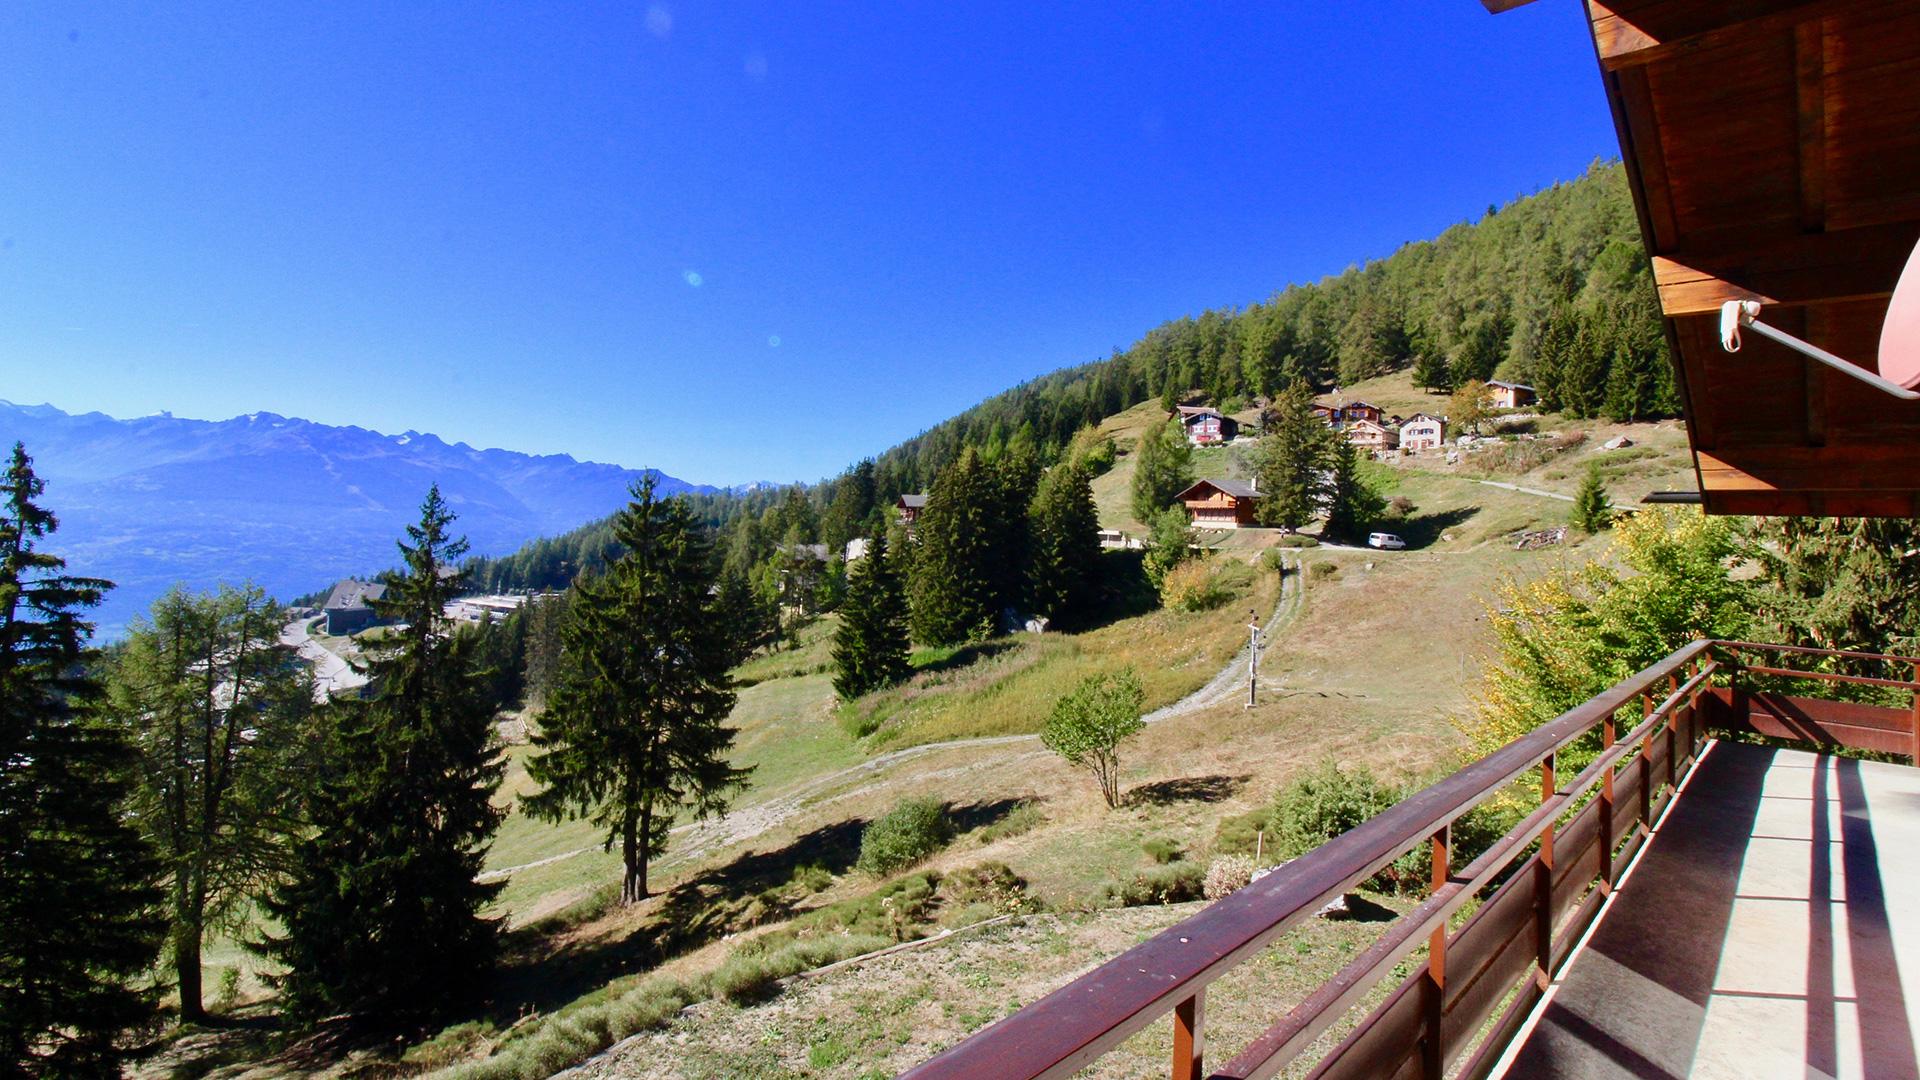 Chalet Anzere Chalet, Switzerland